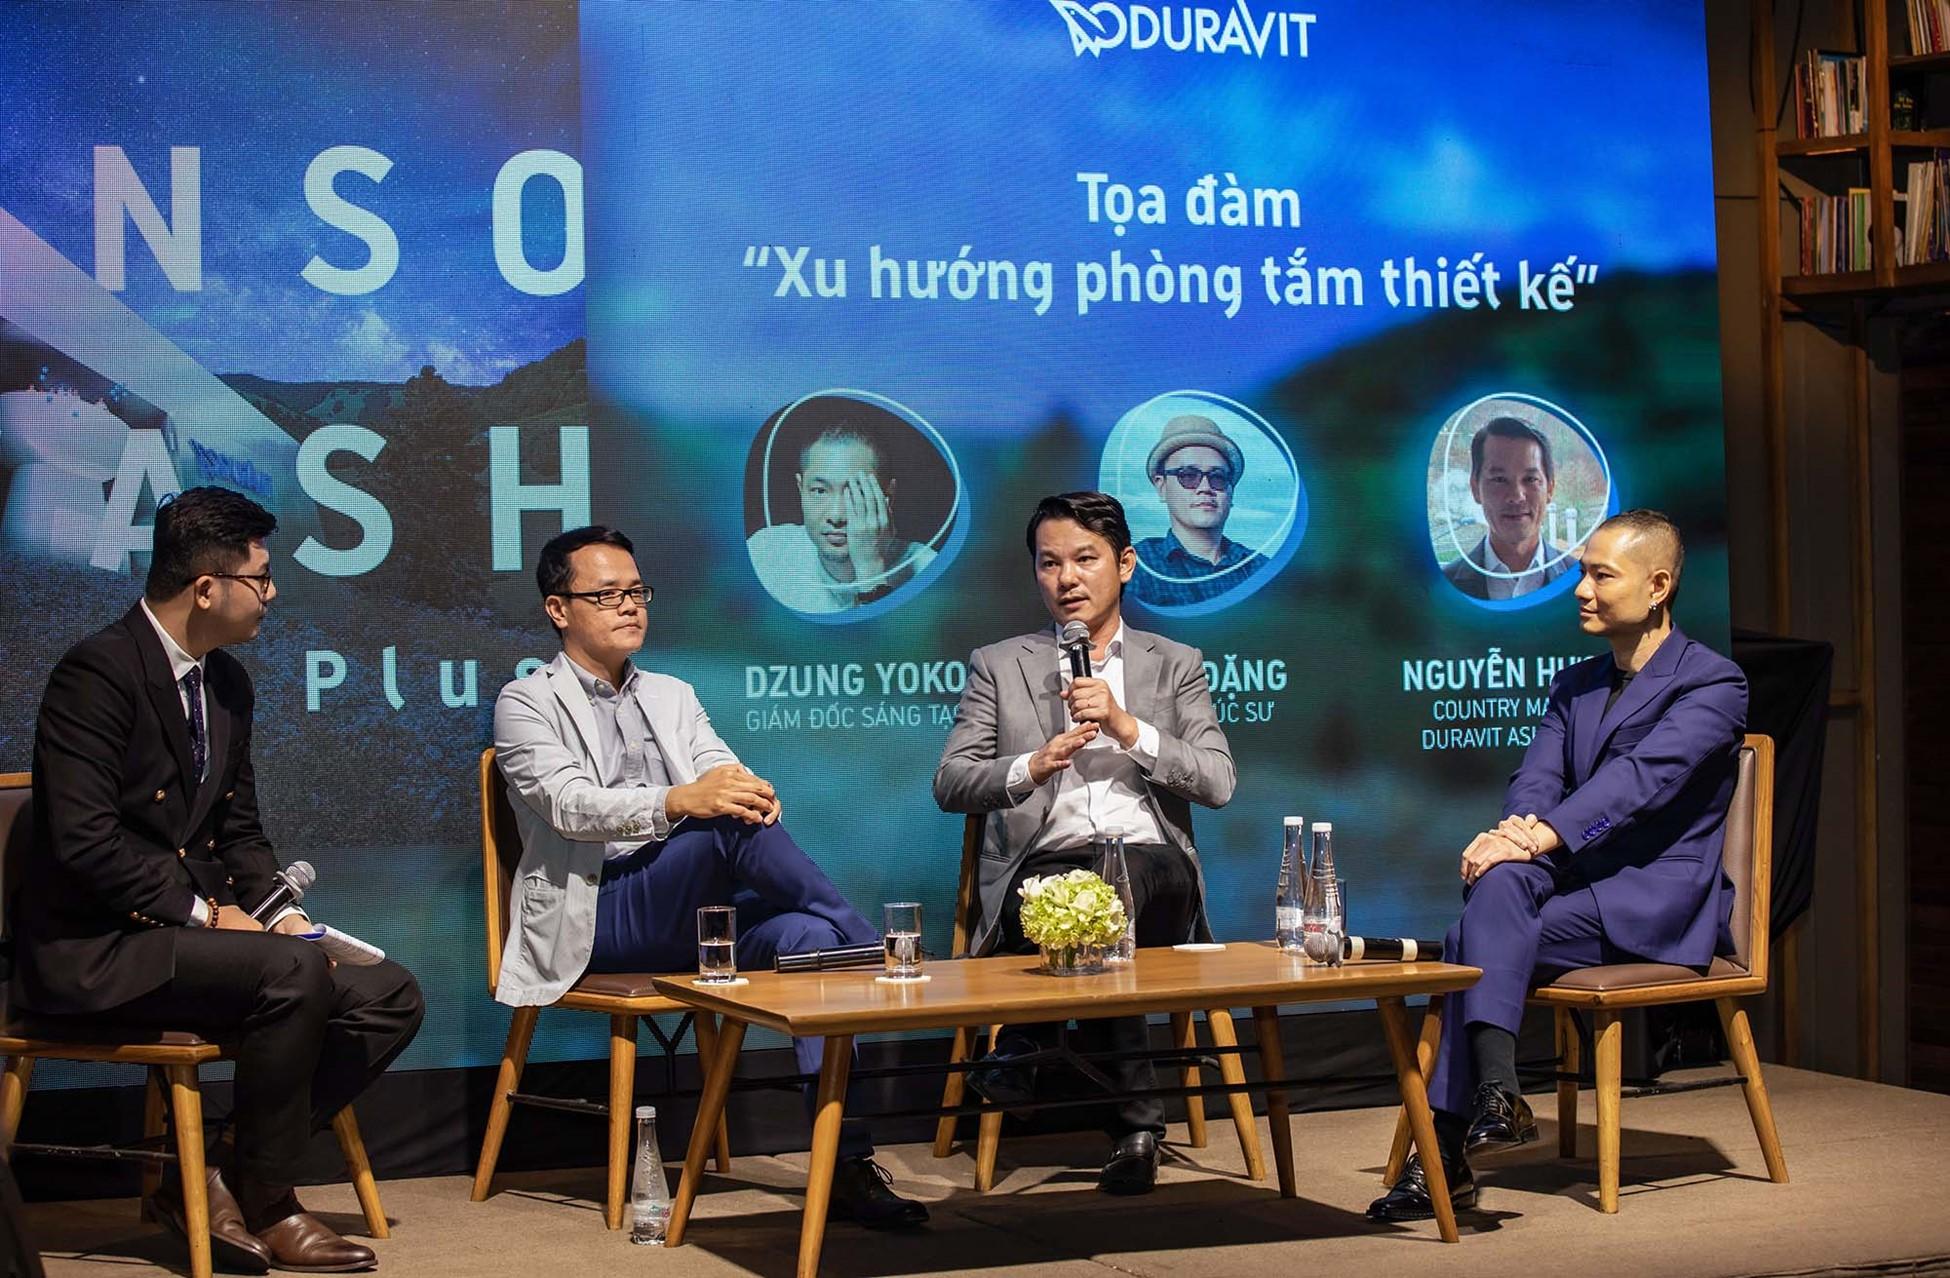 Vero x Duravit First event in Vietnam